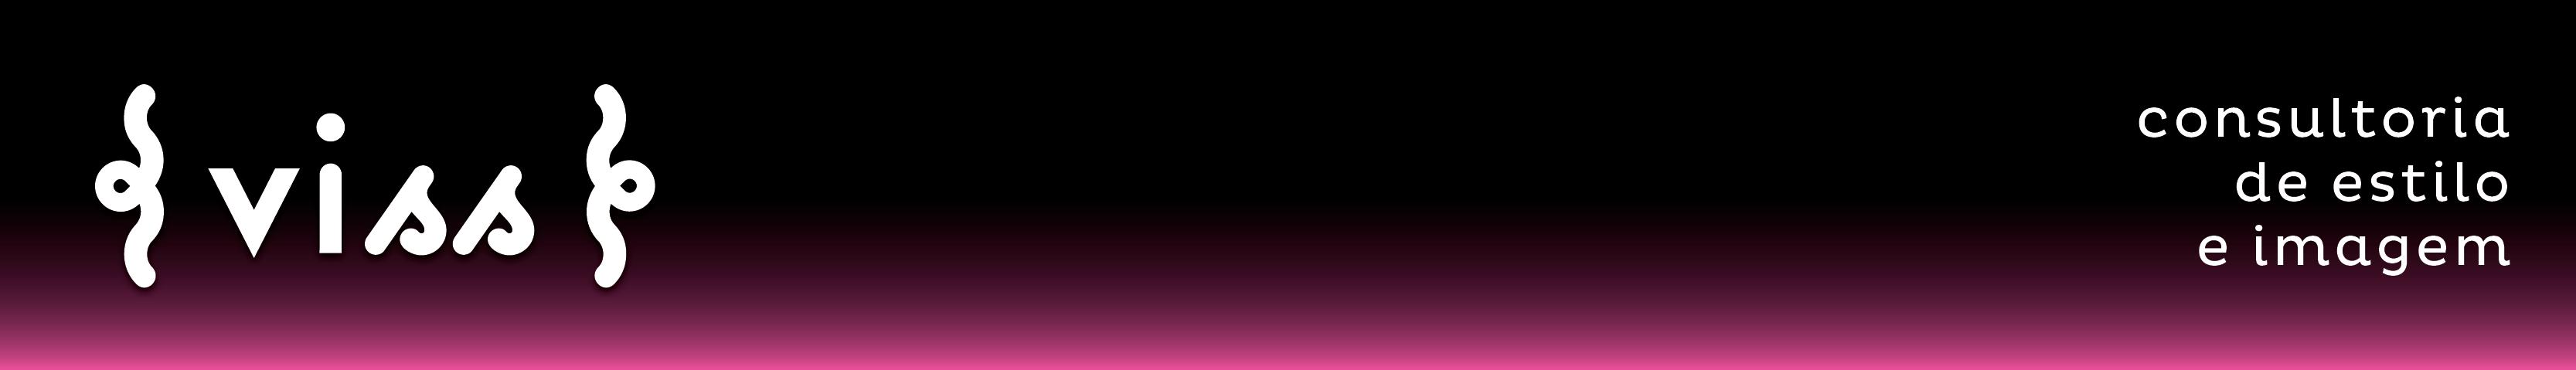 banner_blog-02.png